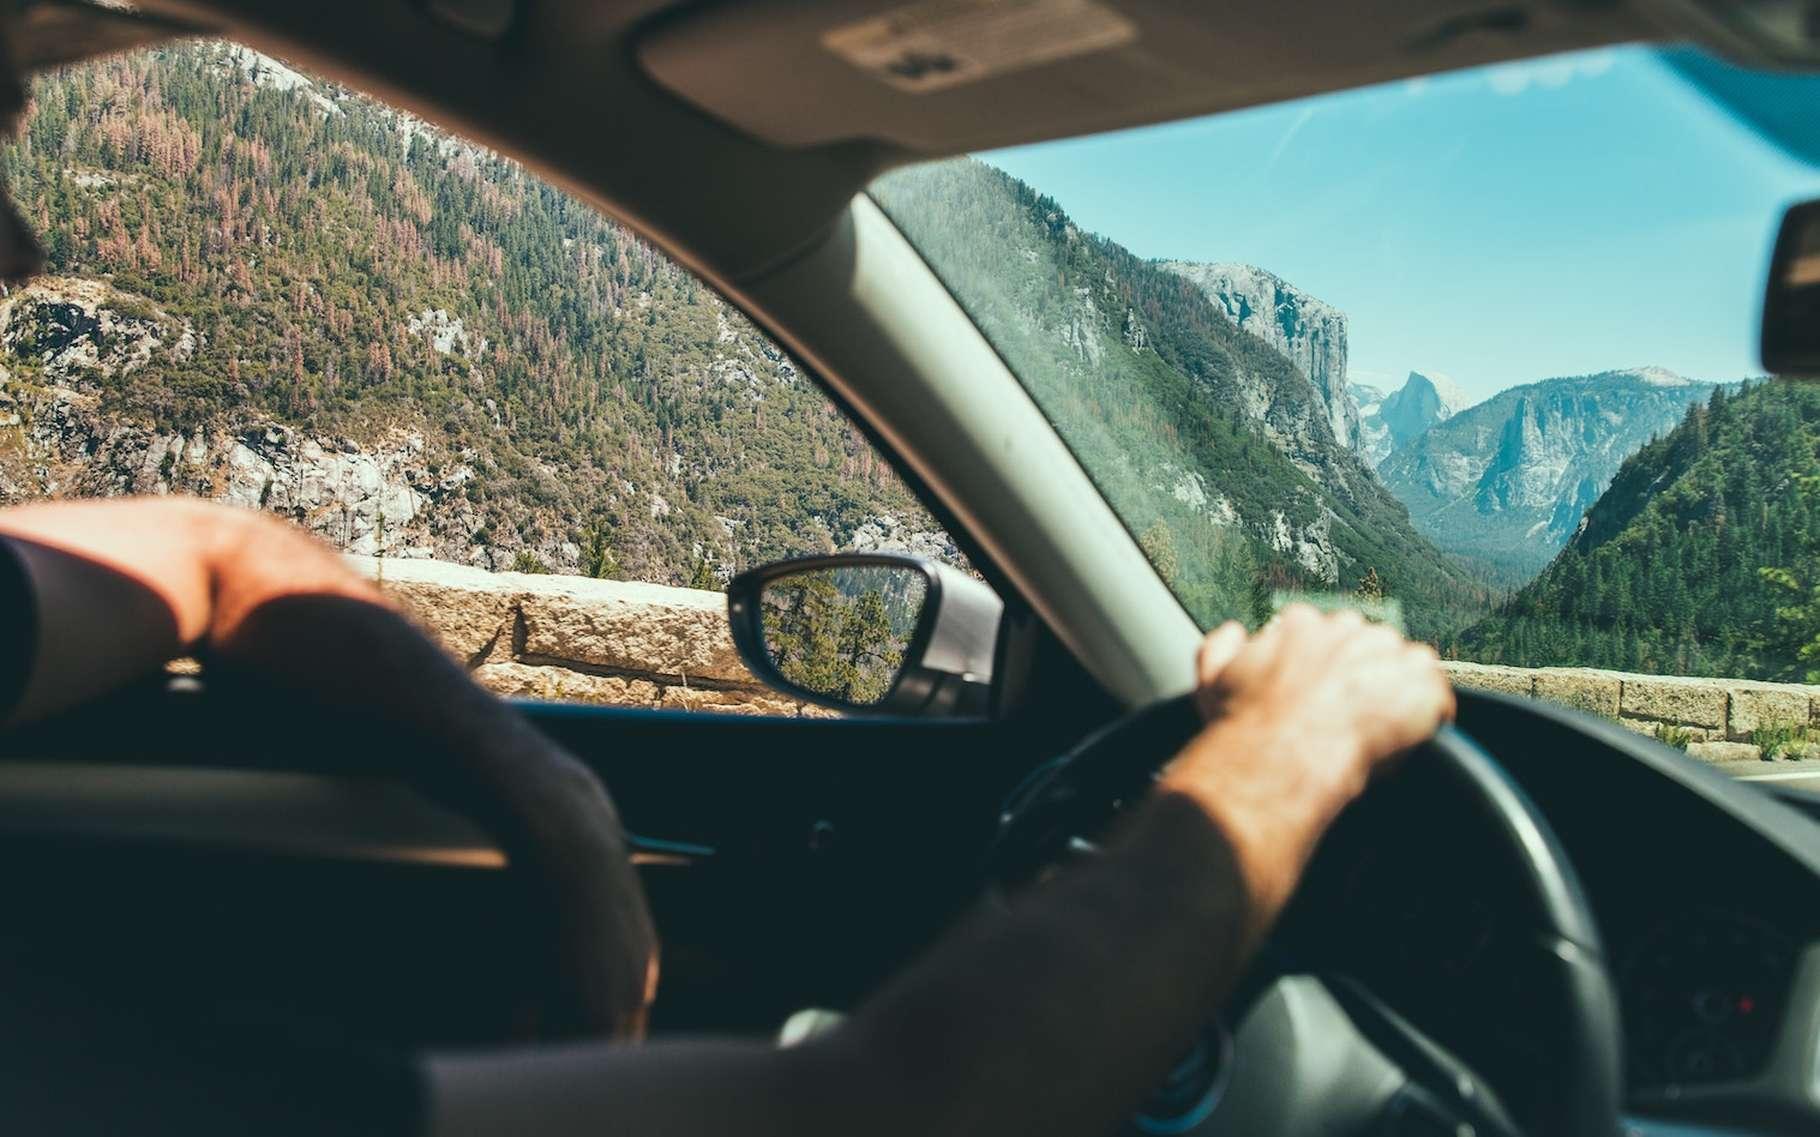 L'écoconduite, une façon de conduire et de se conduire. © Austin Neill, Unsplash